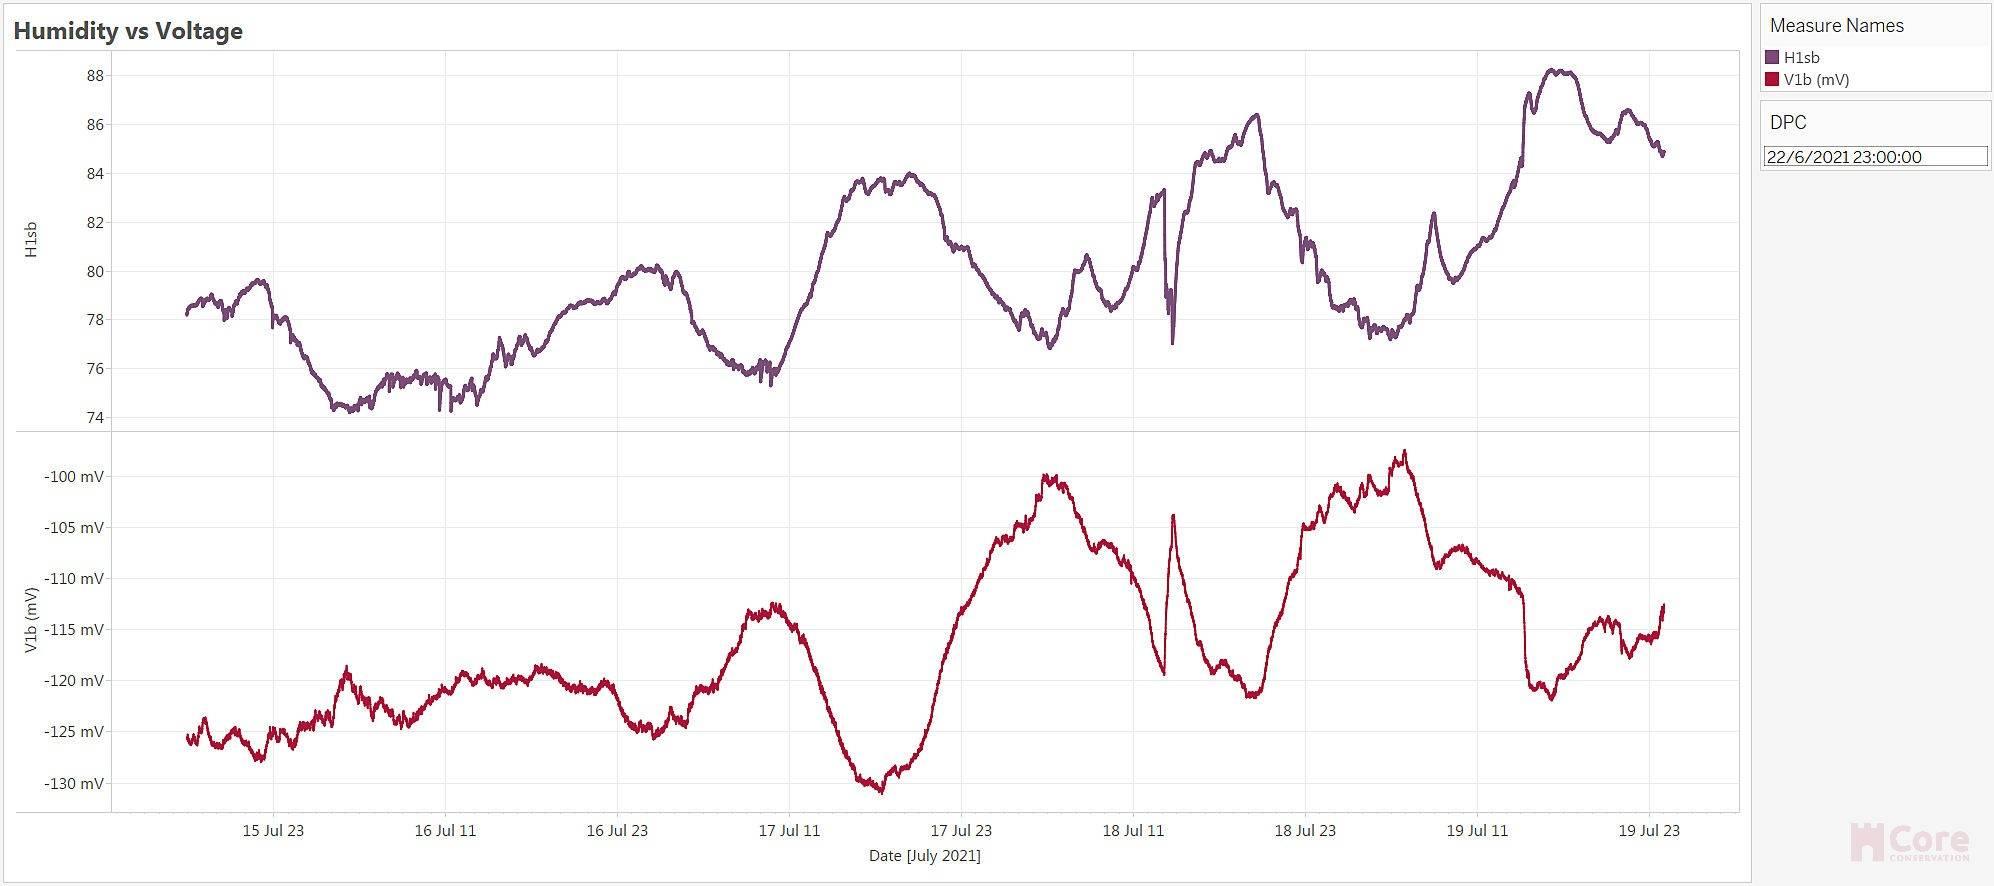 Humidity vs voltage